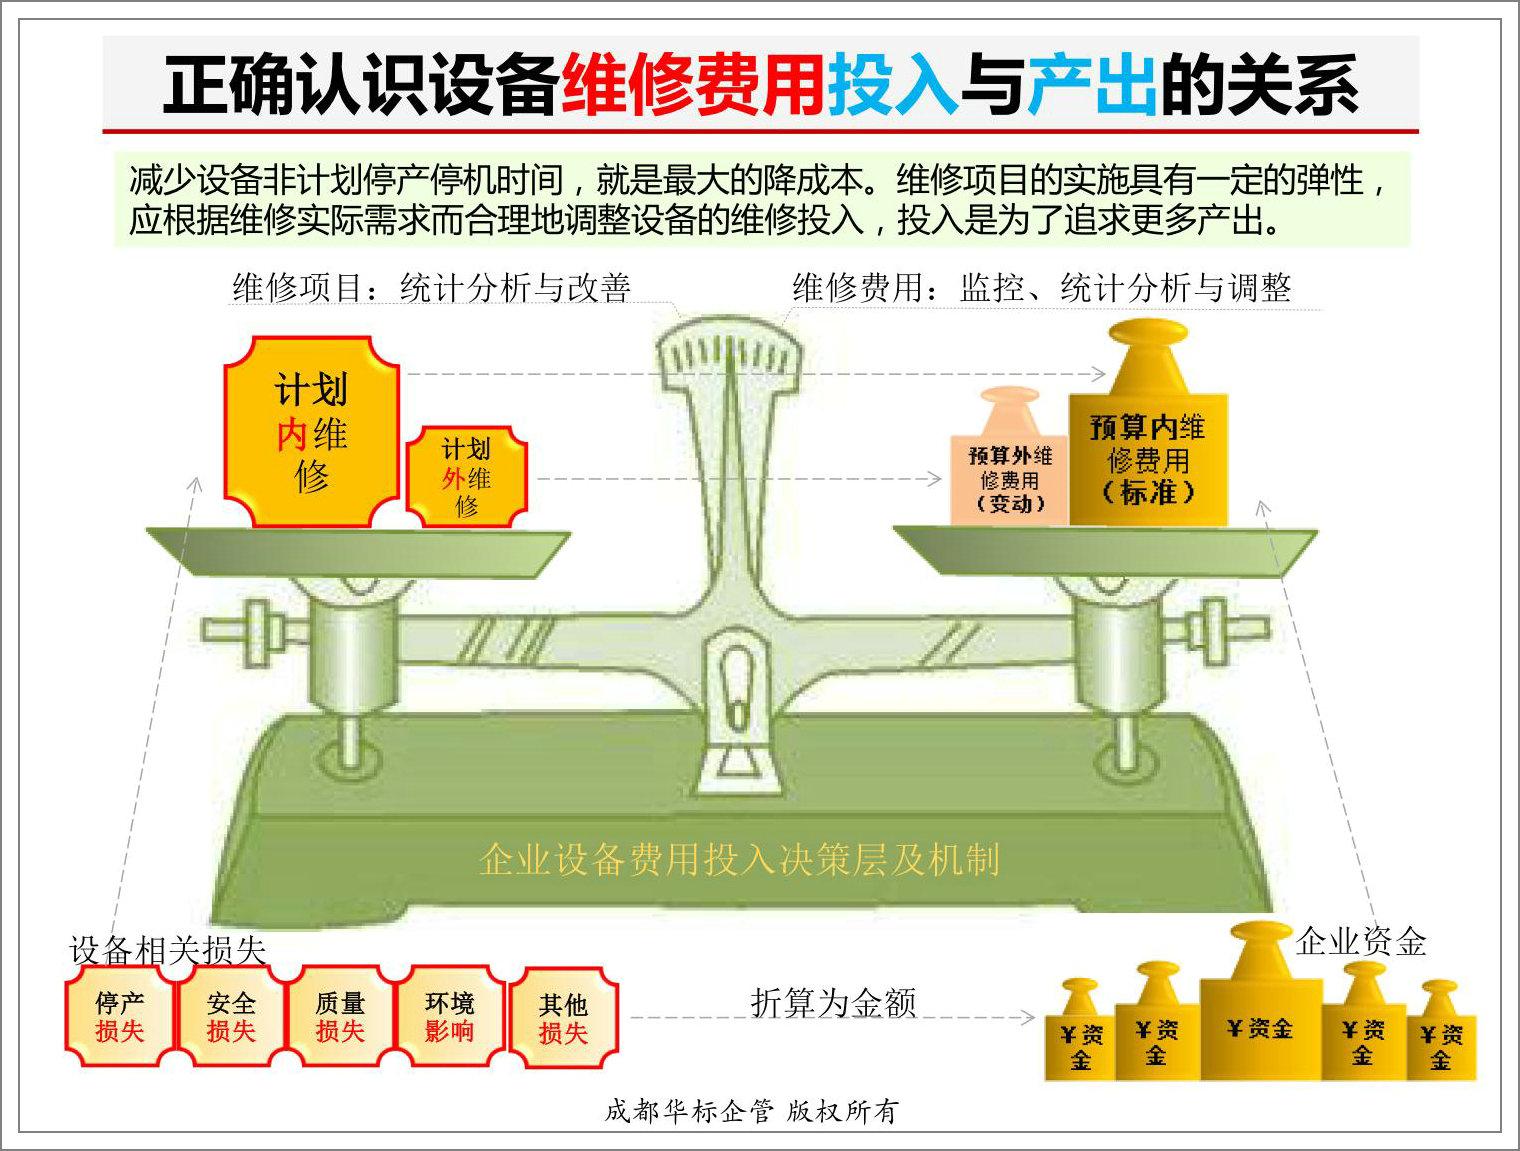 正确认识设备维修费用投入与产出的关系.jpg